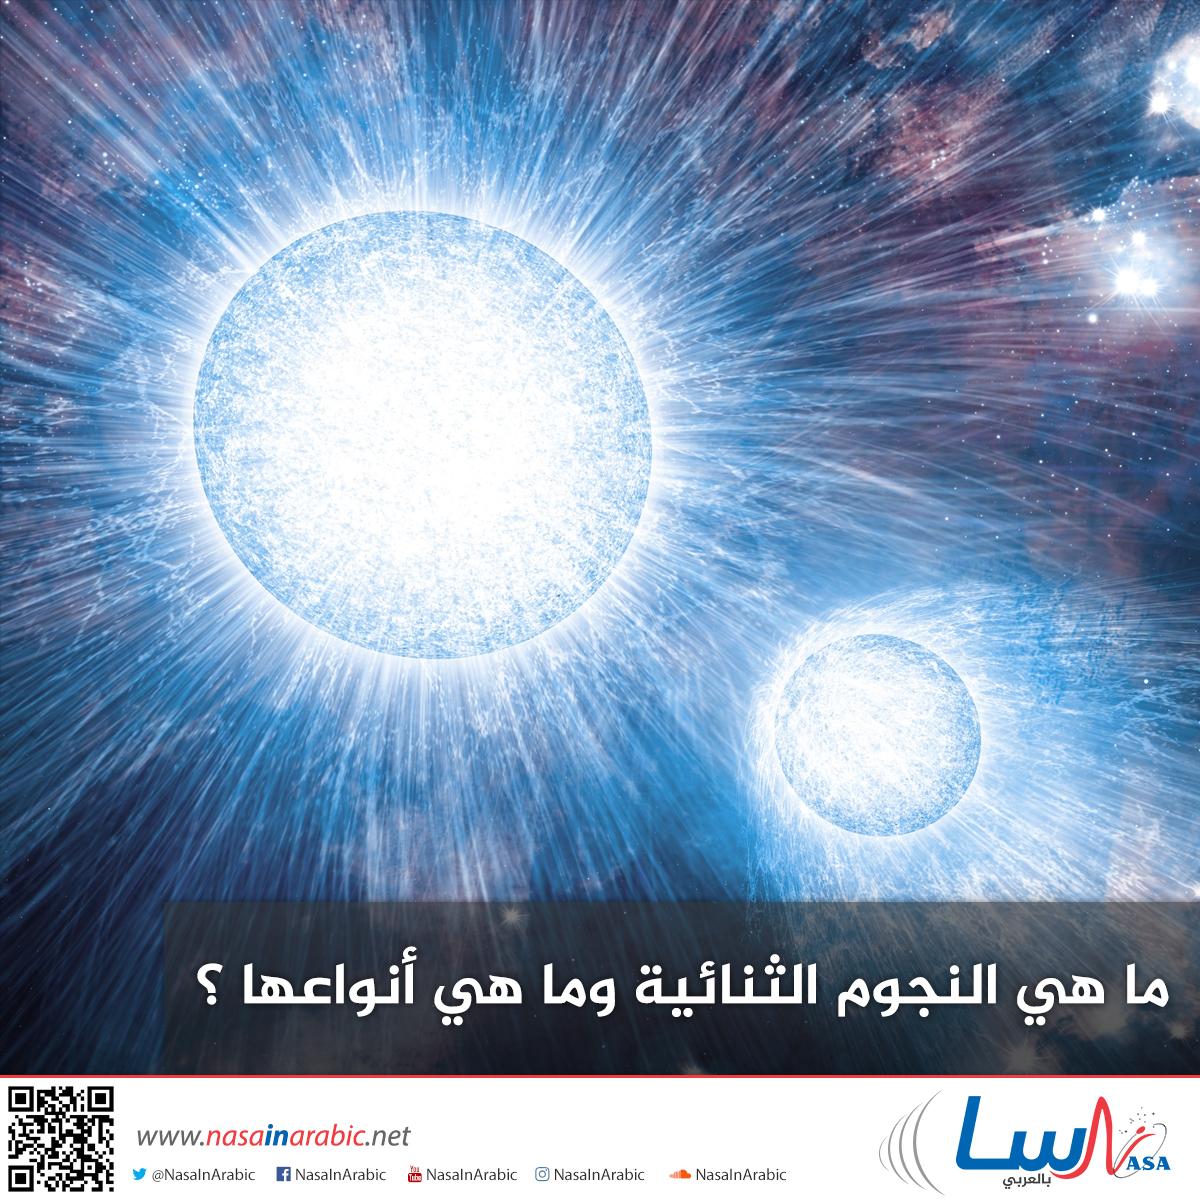 ما هي النجوم الثنائية وما هي أنواعها ؟